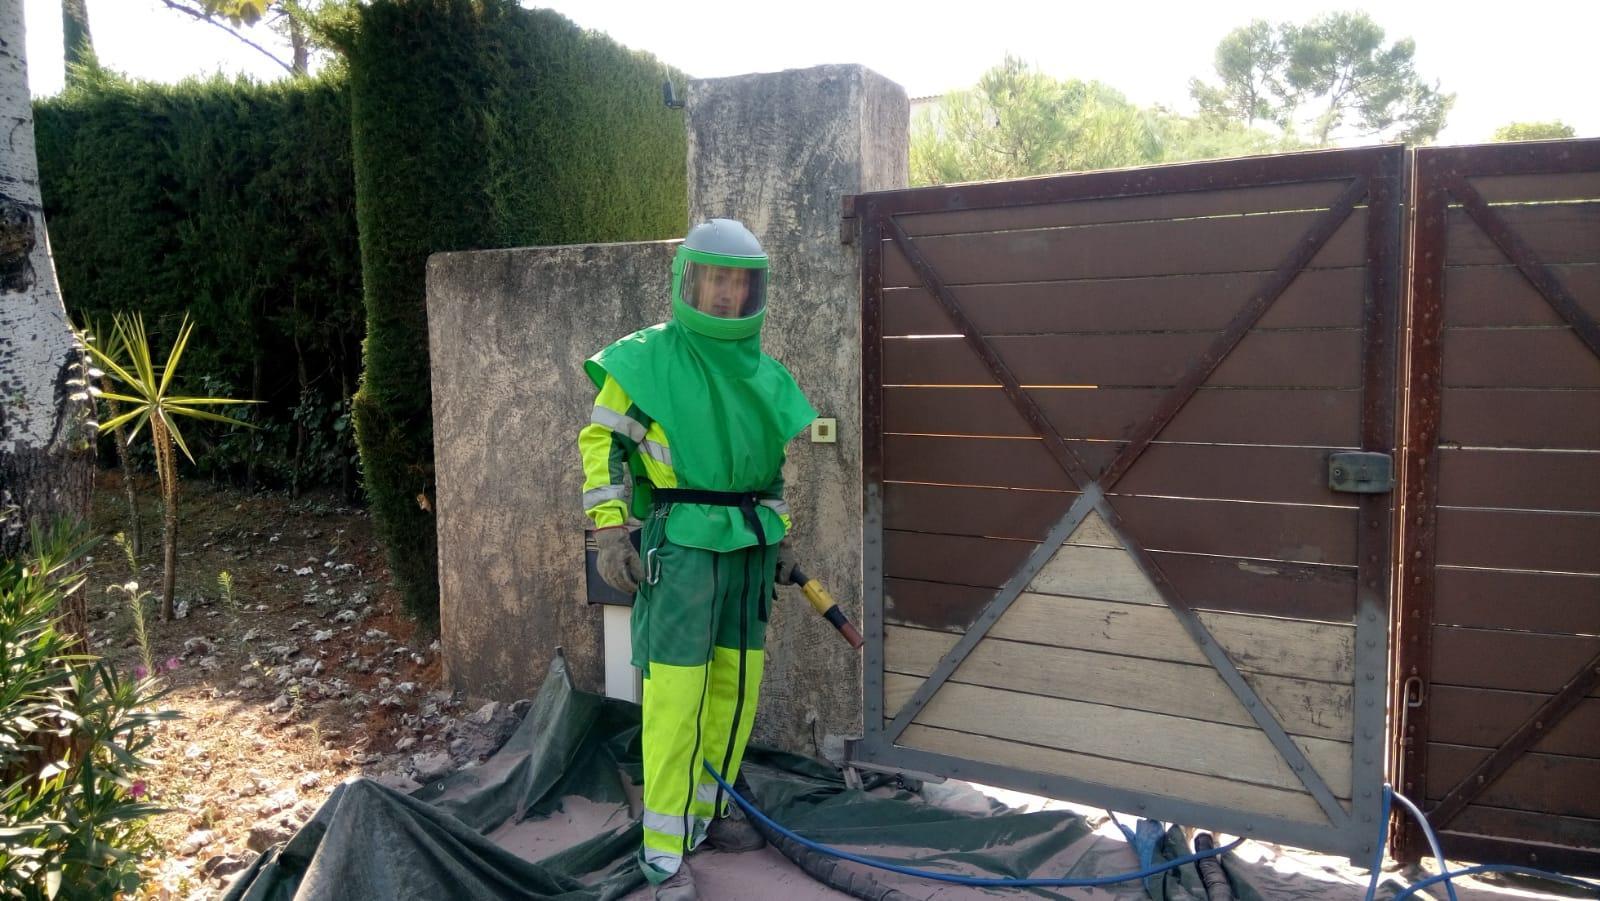 Nettoyage Façade Villa Mur De Pierre Décapage De Bâtiment 06